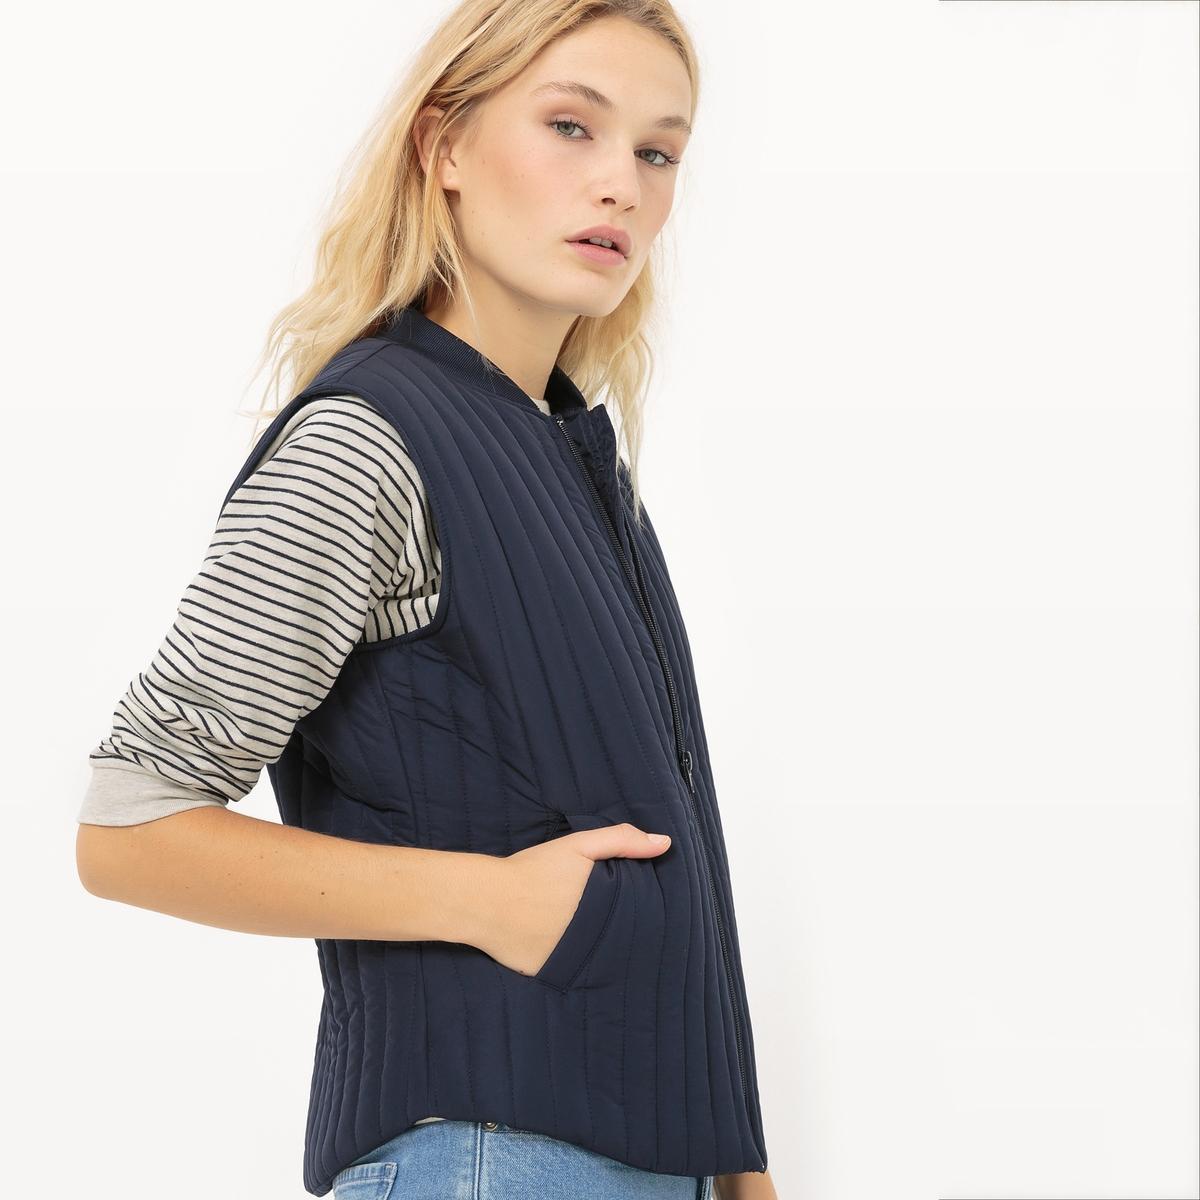 Куртка стеганая тонкая, на молнии, без рукавовМатериал : 100% полиэстер      Покрой : приталенный   Форма воротника : Высокий воротник      Тип куртки  : застежка на молнию.      Длина куртки : Стандартная      Рисунок : Однотонная модель<br><br>Цвет: темно-синий<br>Размер: 38 (FR) - 44 (RUS)